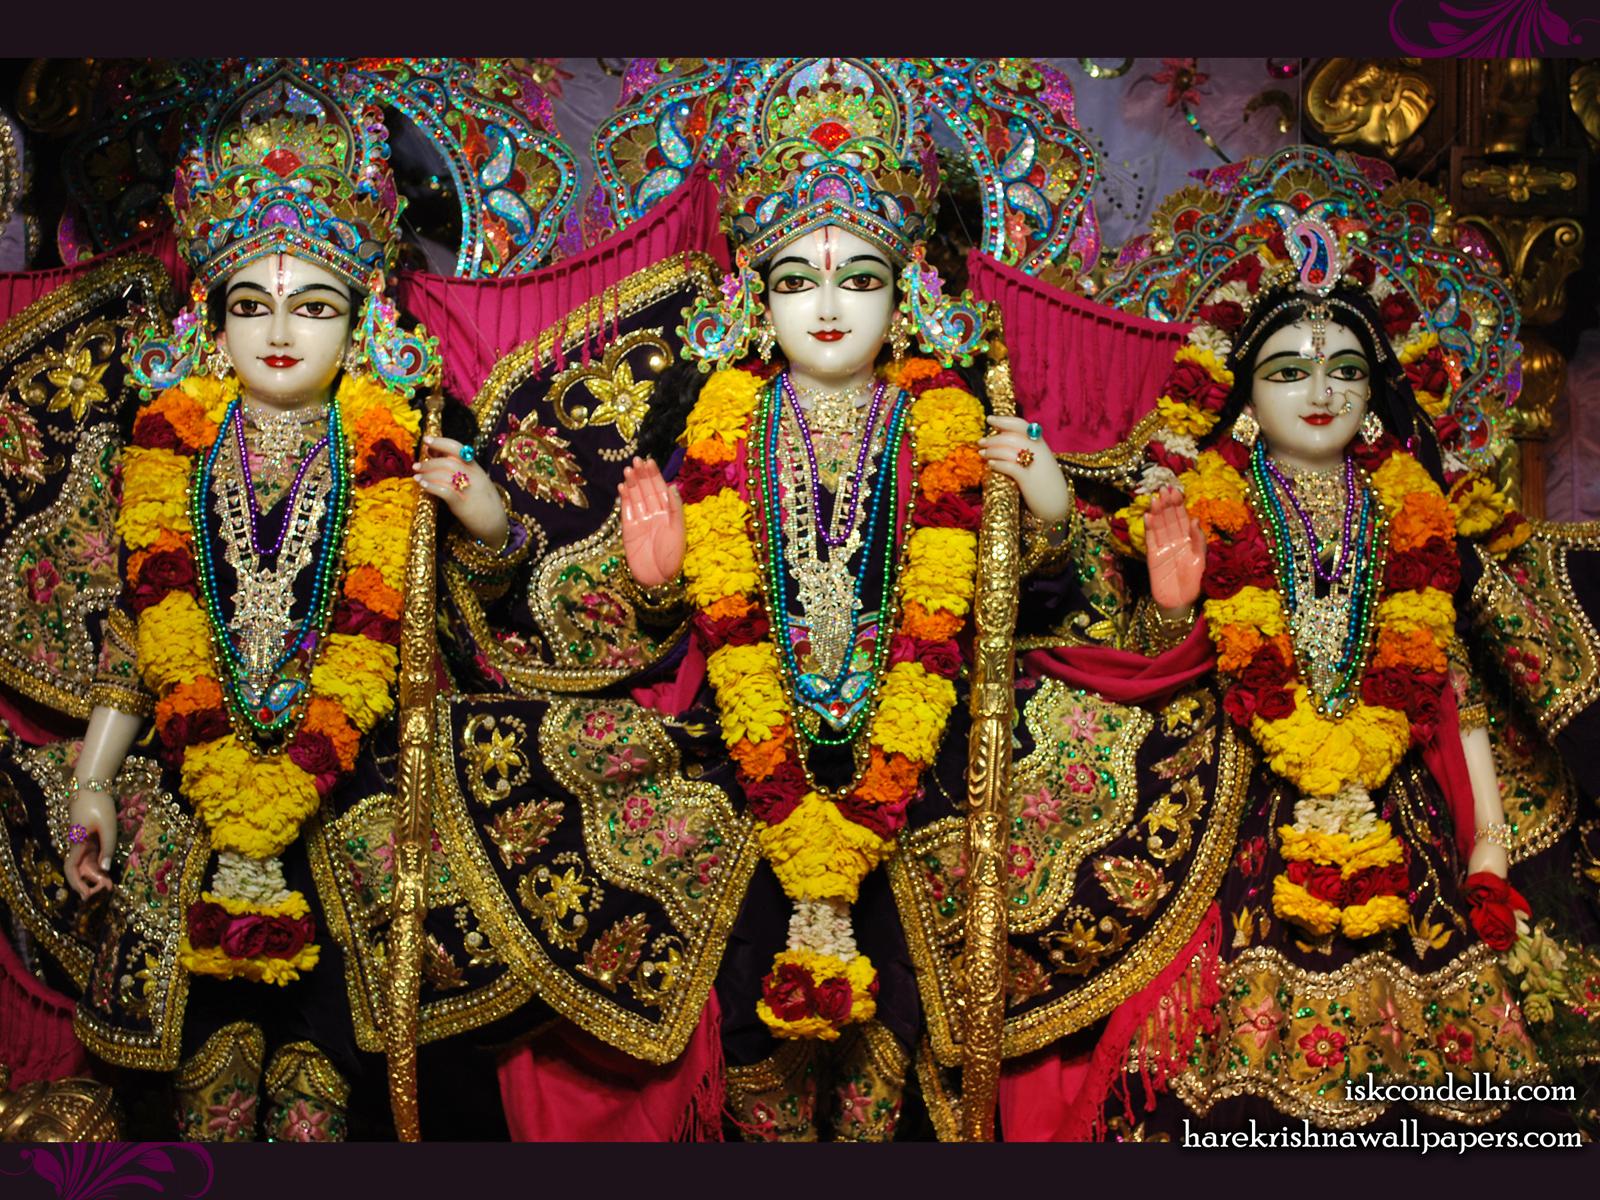 Sri Sri Sita Rama Laxman Wallpaper (002) Size1600x1200 Download